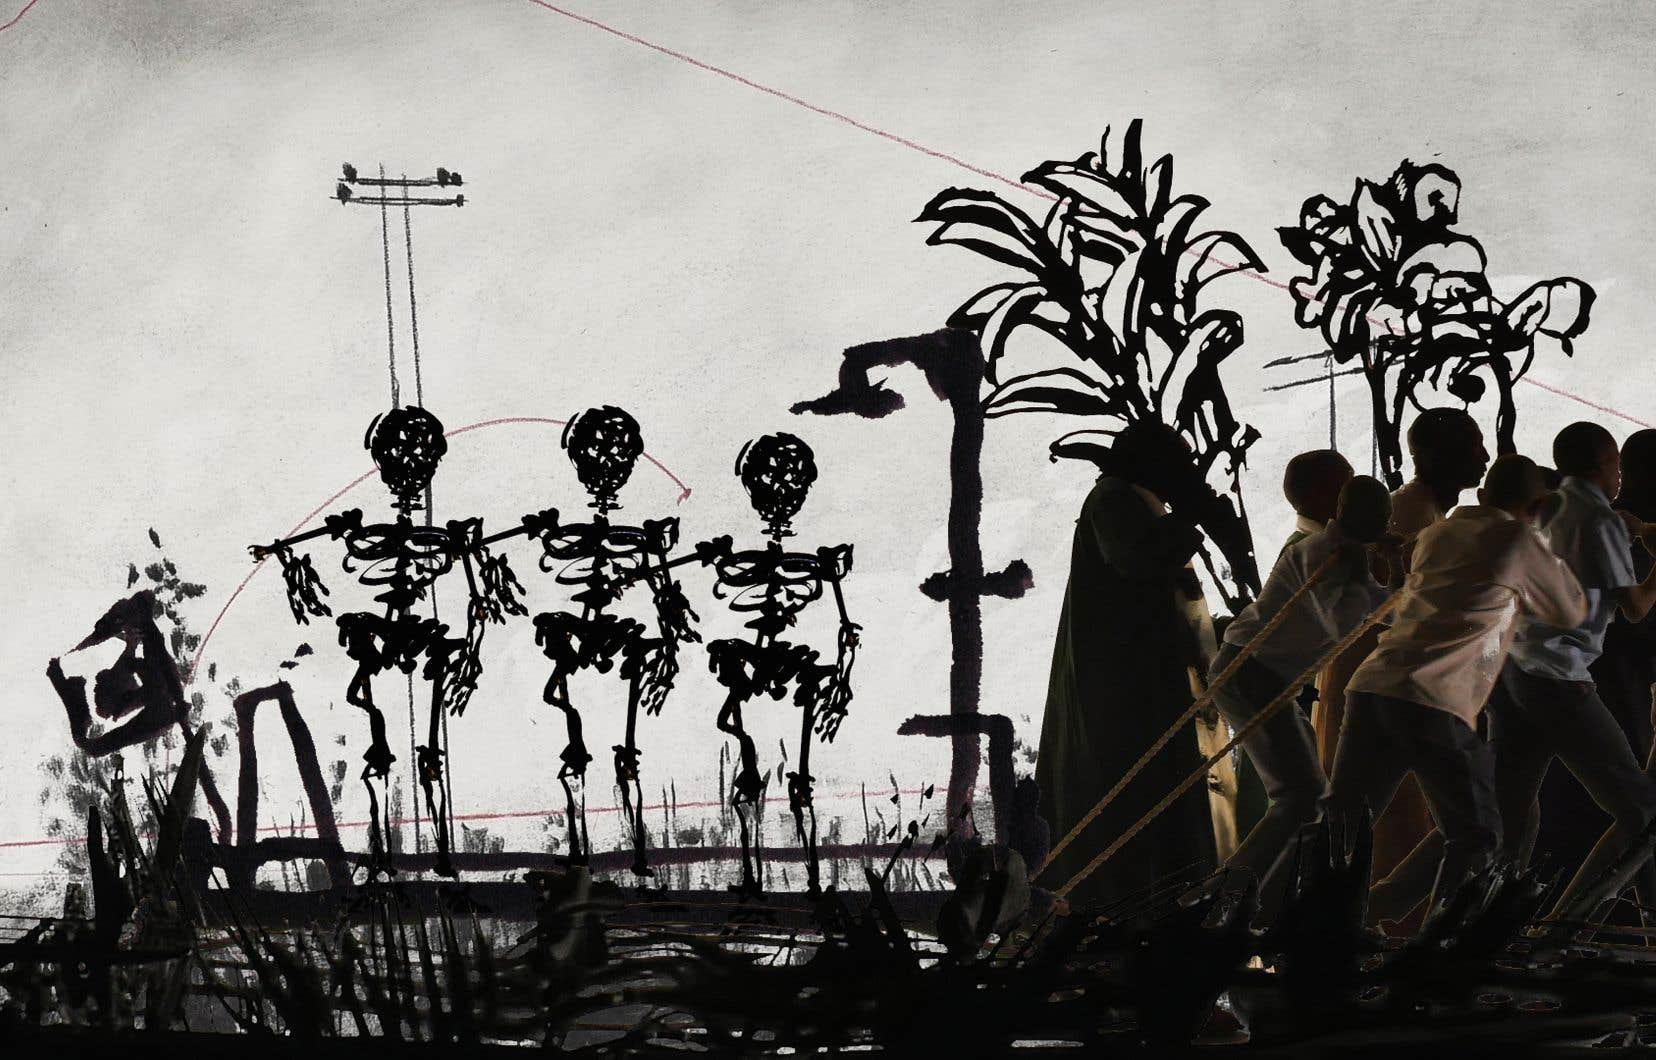 Vue de l'installation «More Sweetly Play the Dance» (2015) de William Kentridge à la Marian Goodman Gallery, à New York. Le Musée des beaux-arts du Canada, à Ottawa, en a fait l'acquisition en 2016. © William Kentridge avec la permission de la Marian Goodman Gallery